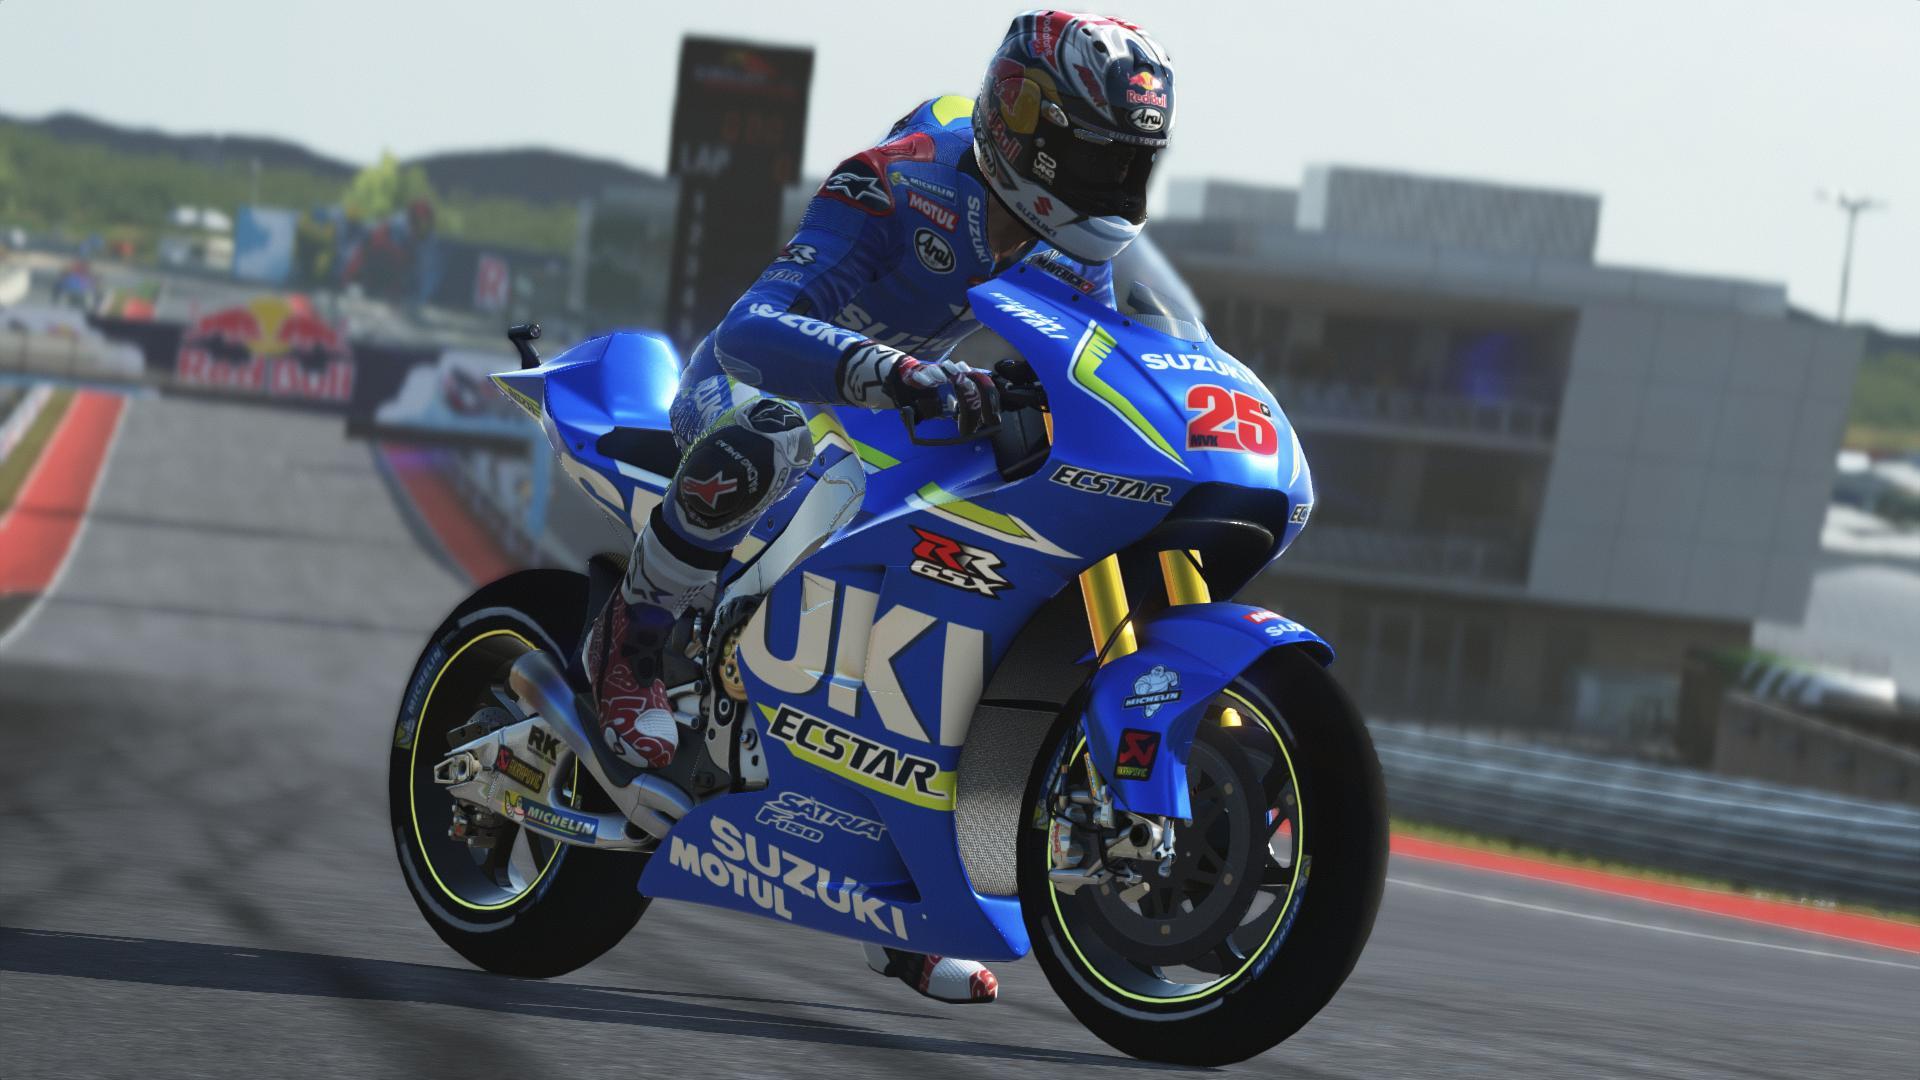 MotoGP15X64 2016-03-18 17-05-05-90.jpg